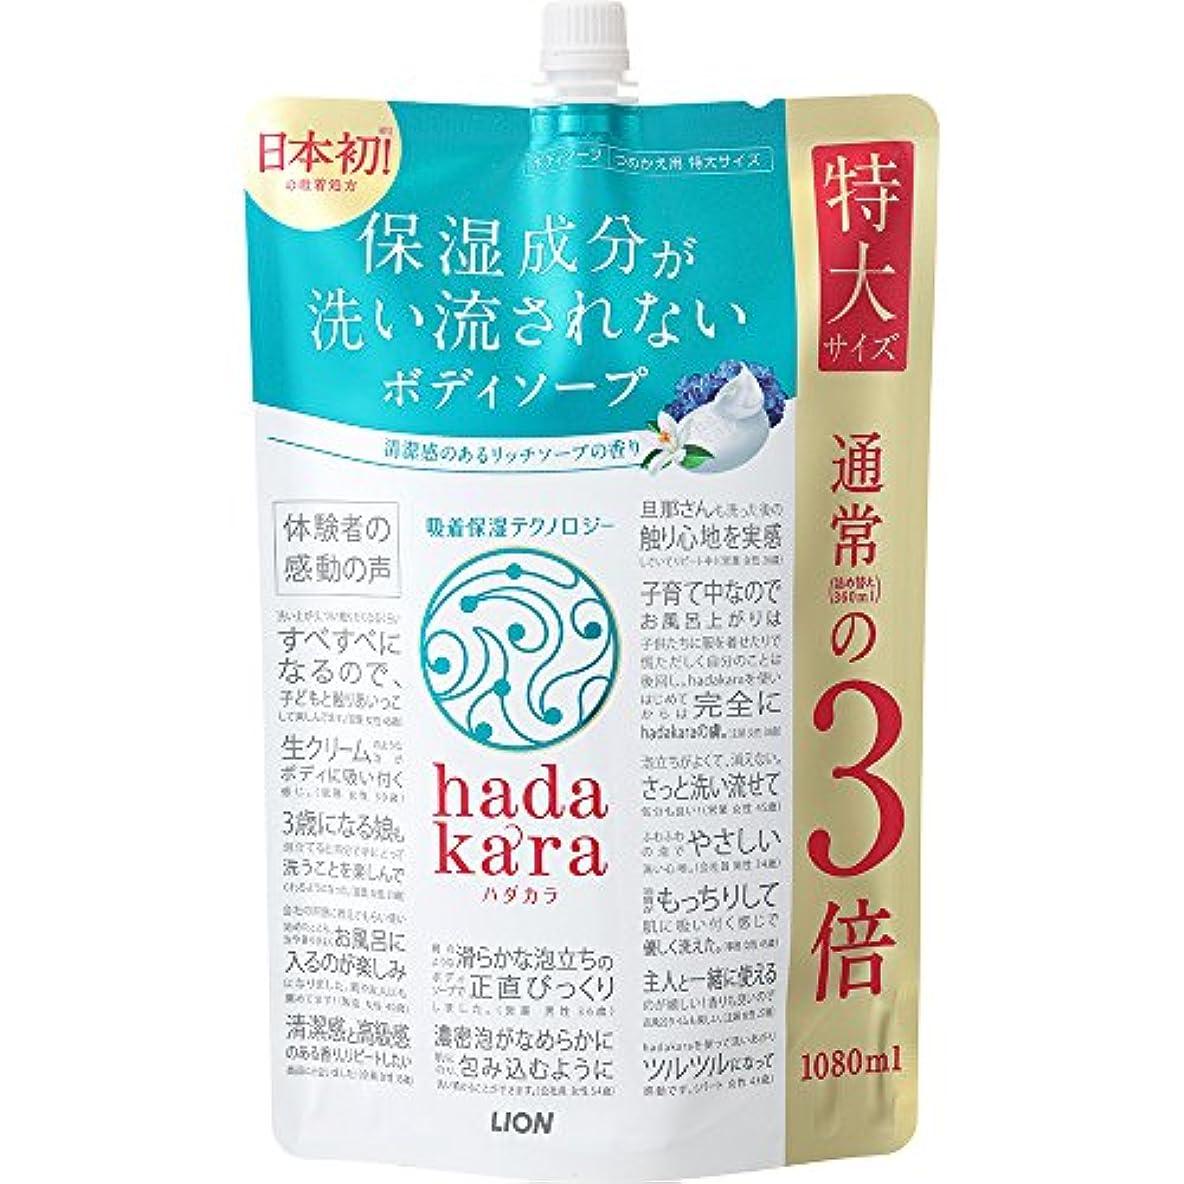 の配列教え貸し手【大容量】hadakara(ハダカラ) ボディソープ リッチソープの香り 詰め替え 特大 1080ml